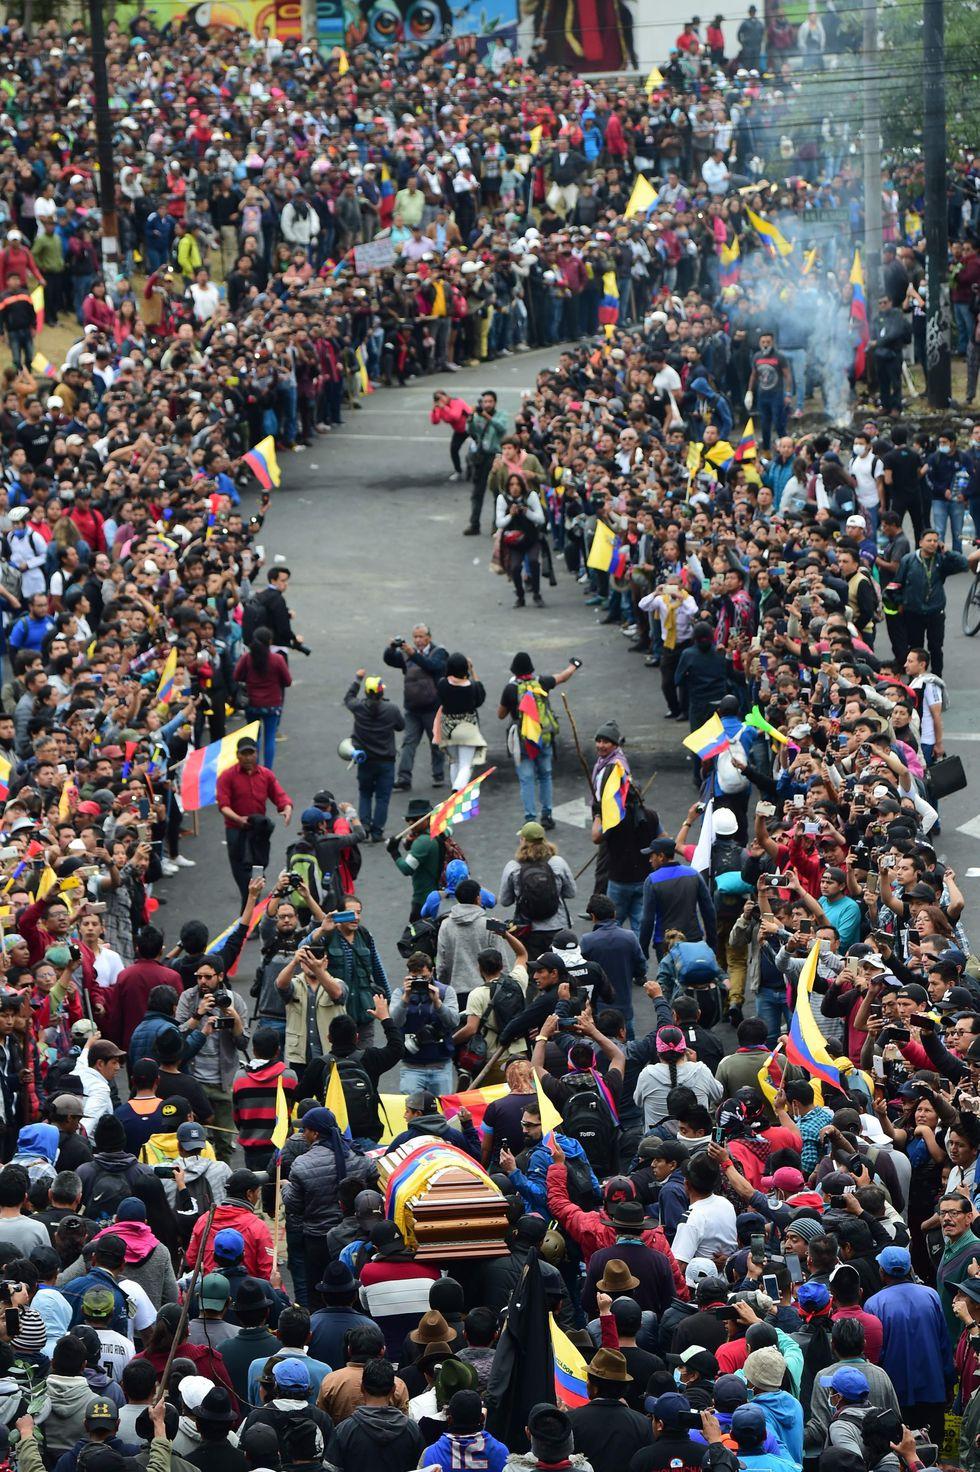 El dirigente indígena Inocencio Tucumbi falleció durante las protestas del miércoles. (AFP / Martin BERNETTI).